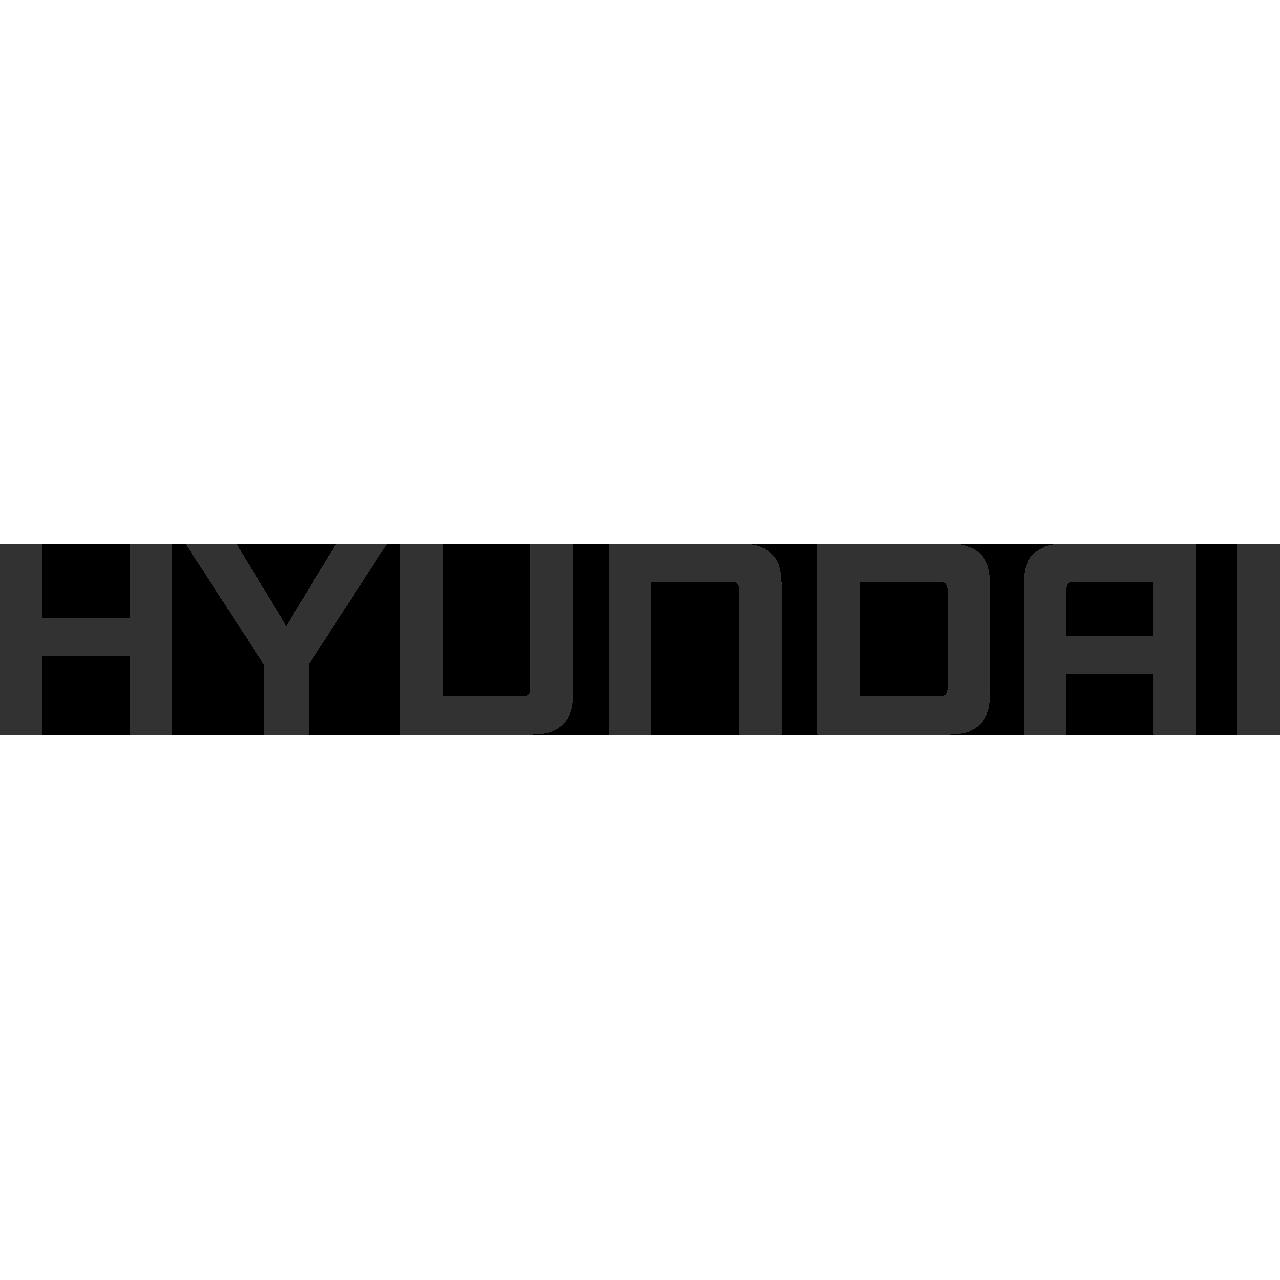 Hyundai IT copy